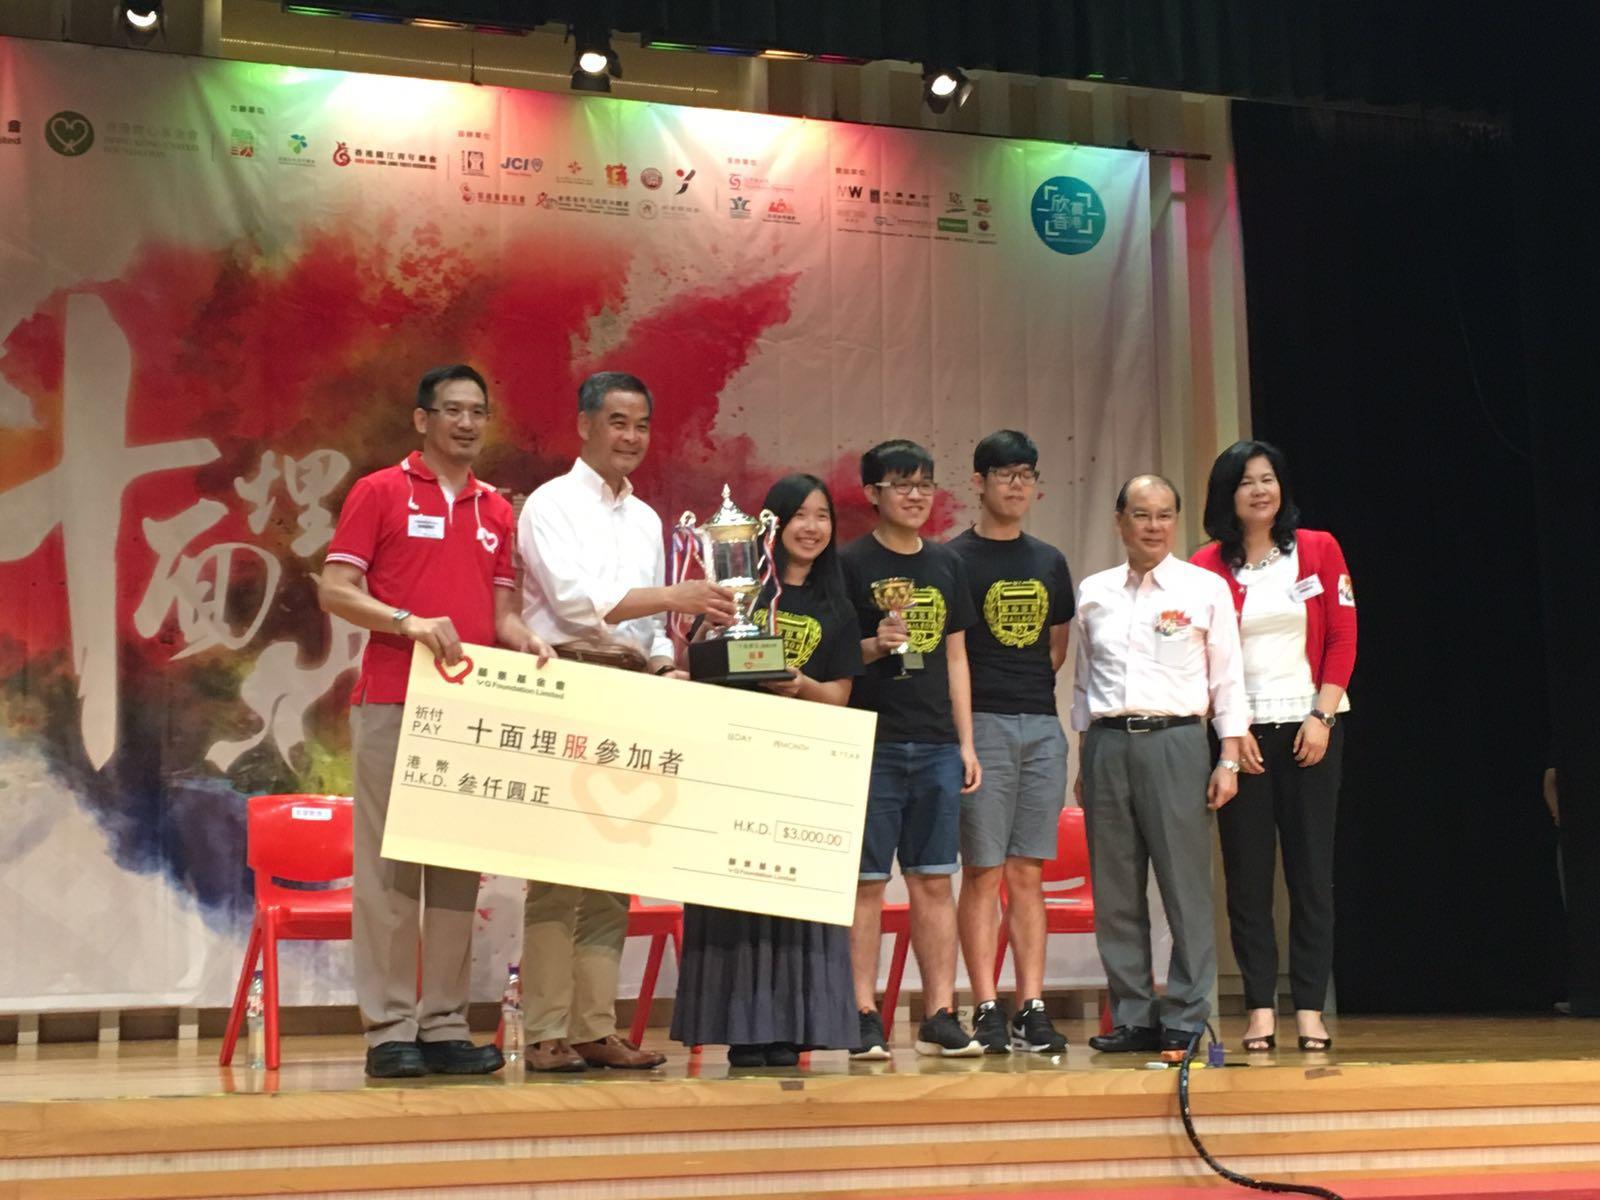 2016 十面埋服 社會創新服務大賽 公開組 冠軍 (願景基金會和香港齊